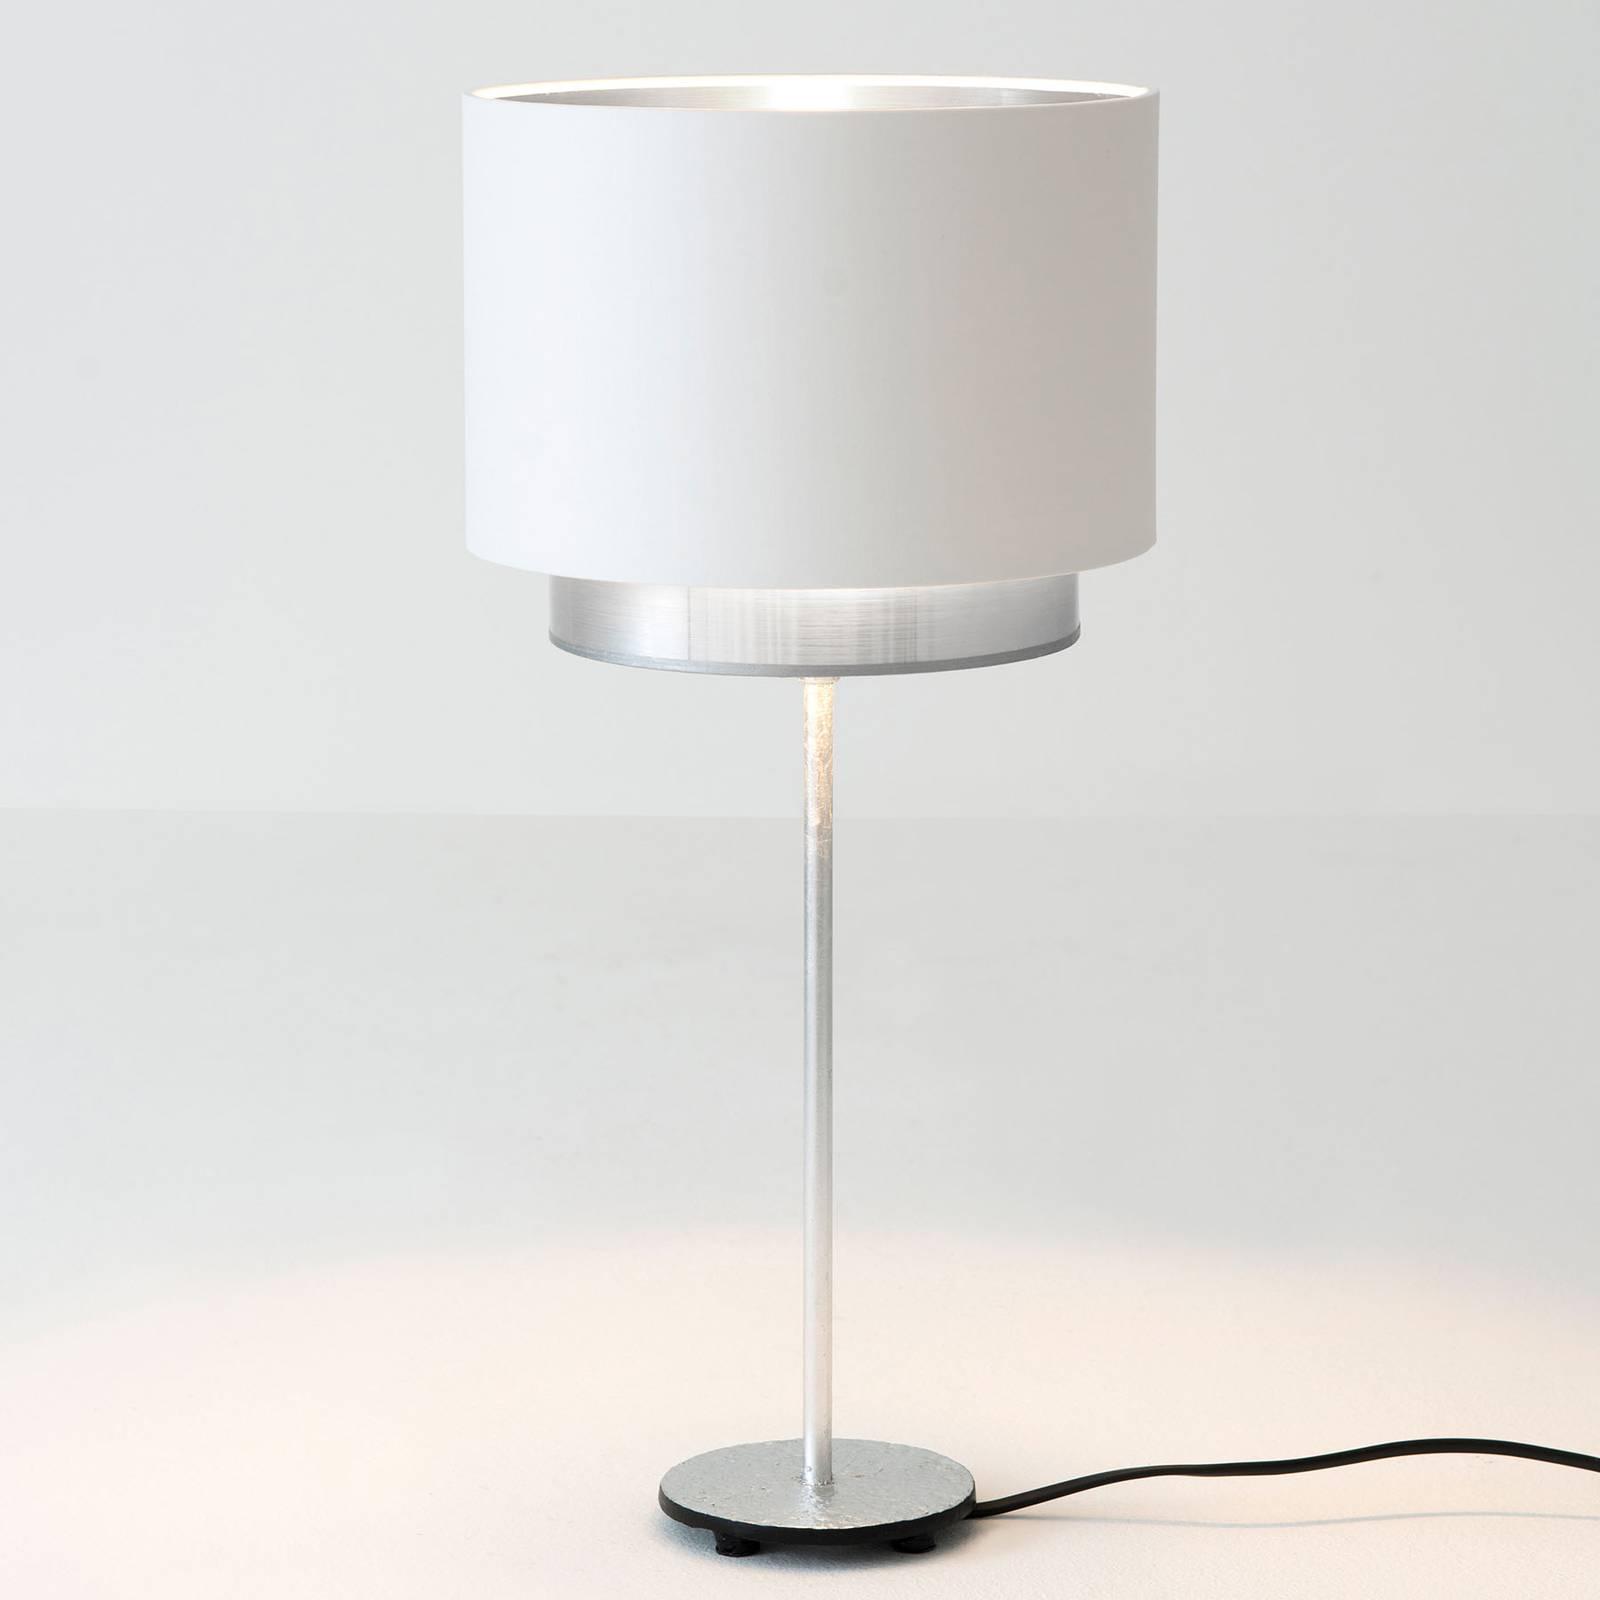 Pöytälamppu Mattia, Perla-silkki, valkoinen/hopea